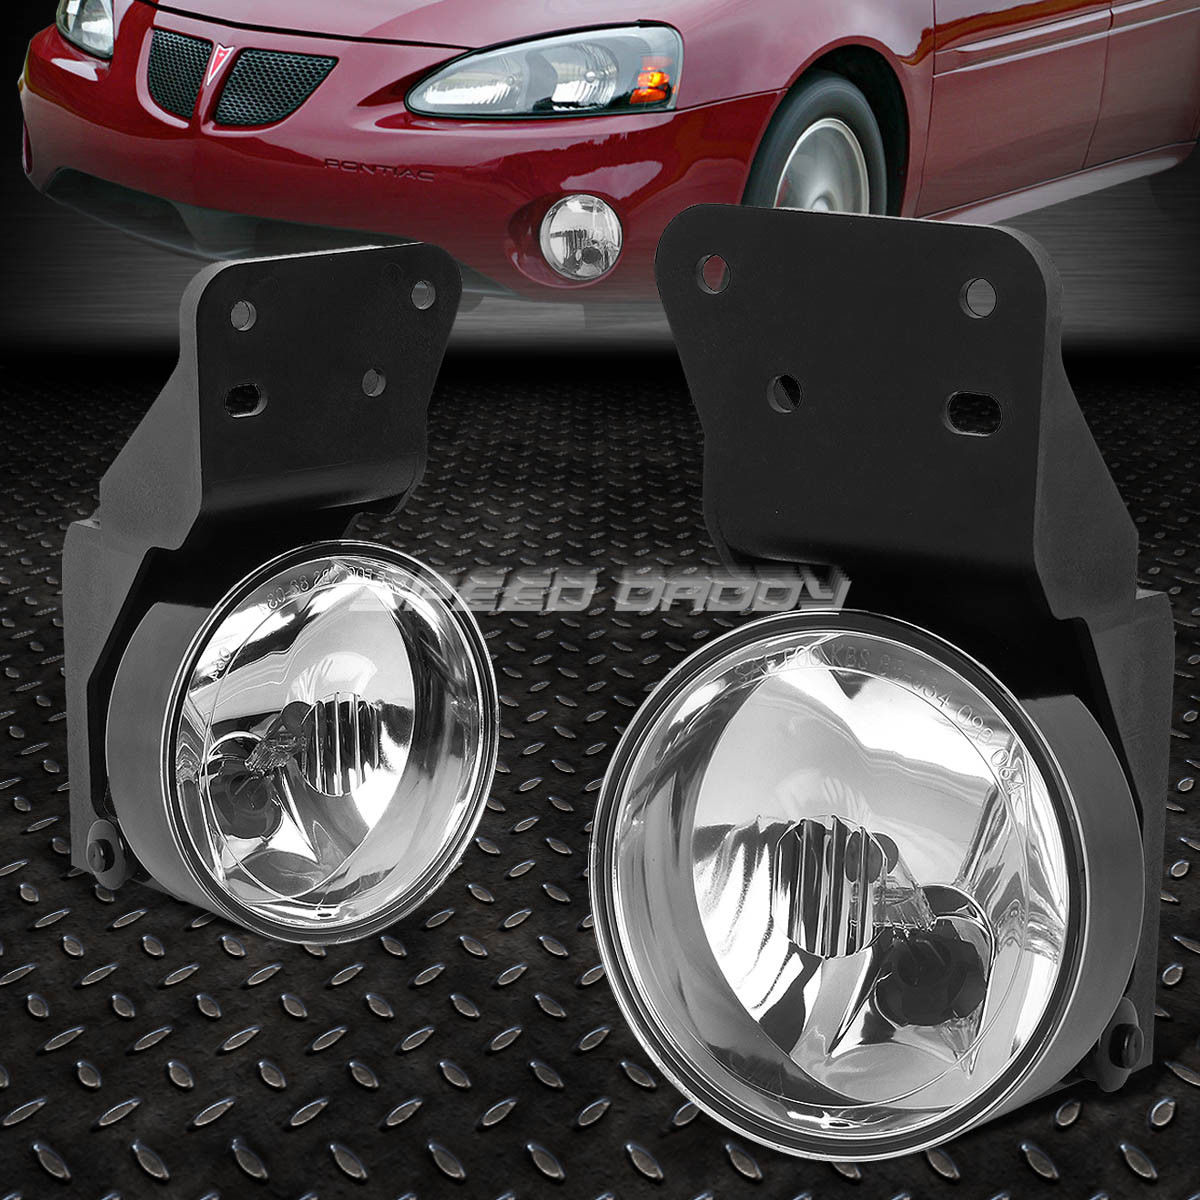 フォグライト FOR 99-05 PONTIAC GRAND AM CRYSTAL CLEAR LENS OE BUMPER DRIVING FOG LIGHT LAMP 99-05ポントクタグランアクリスタルクリアレンズOEバッファを駆動するフォグライトランプ